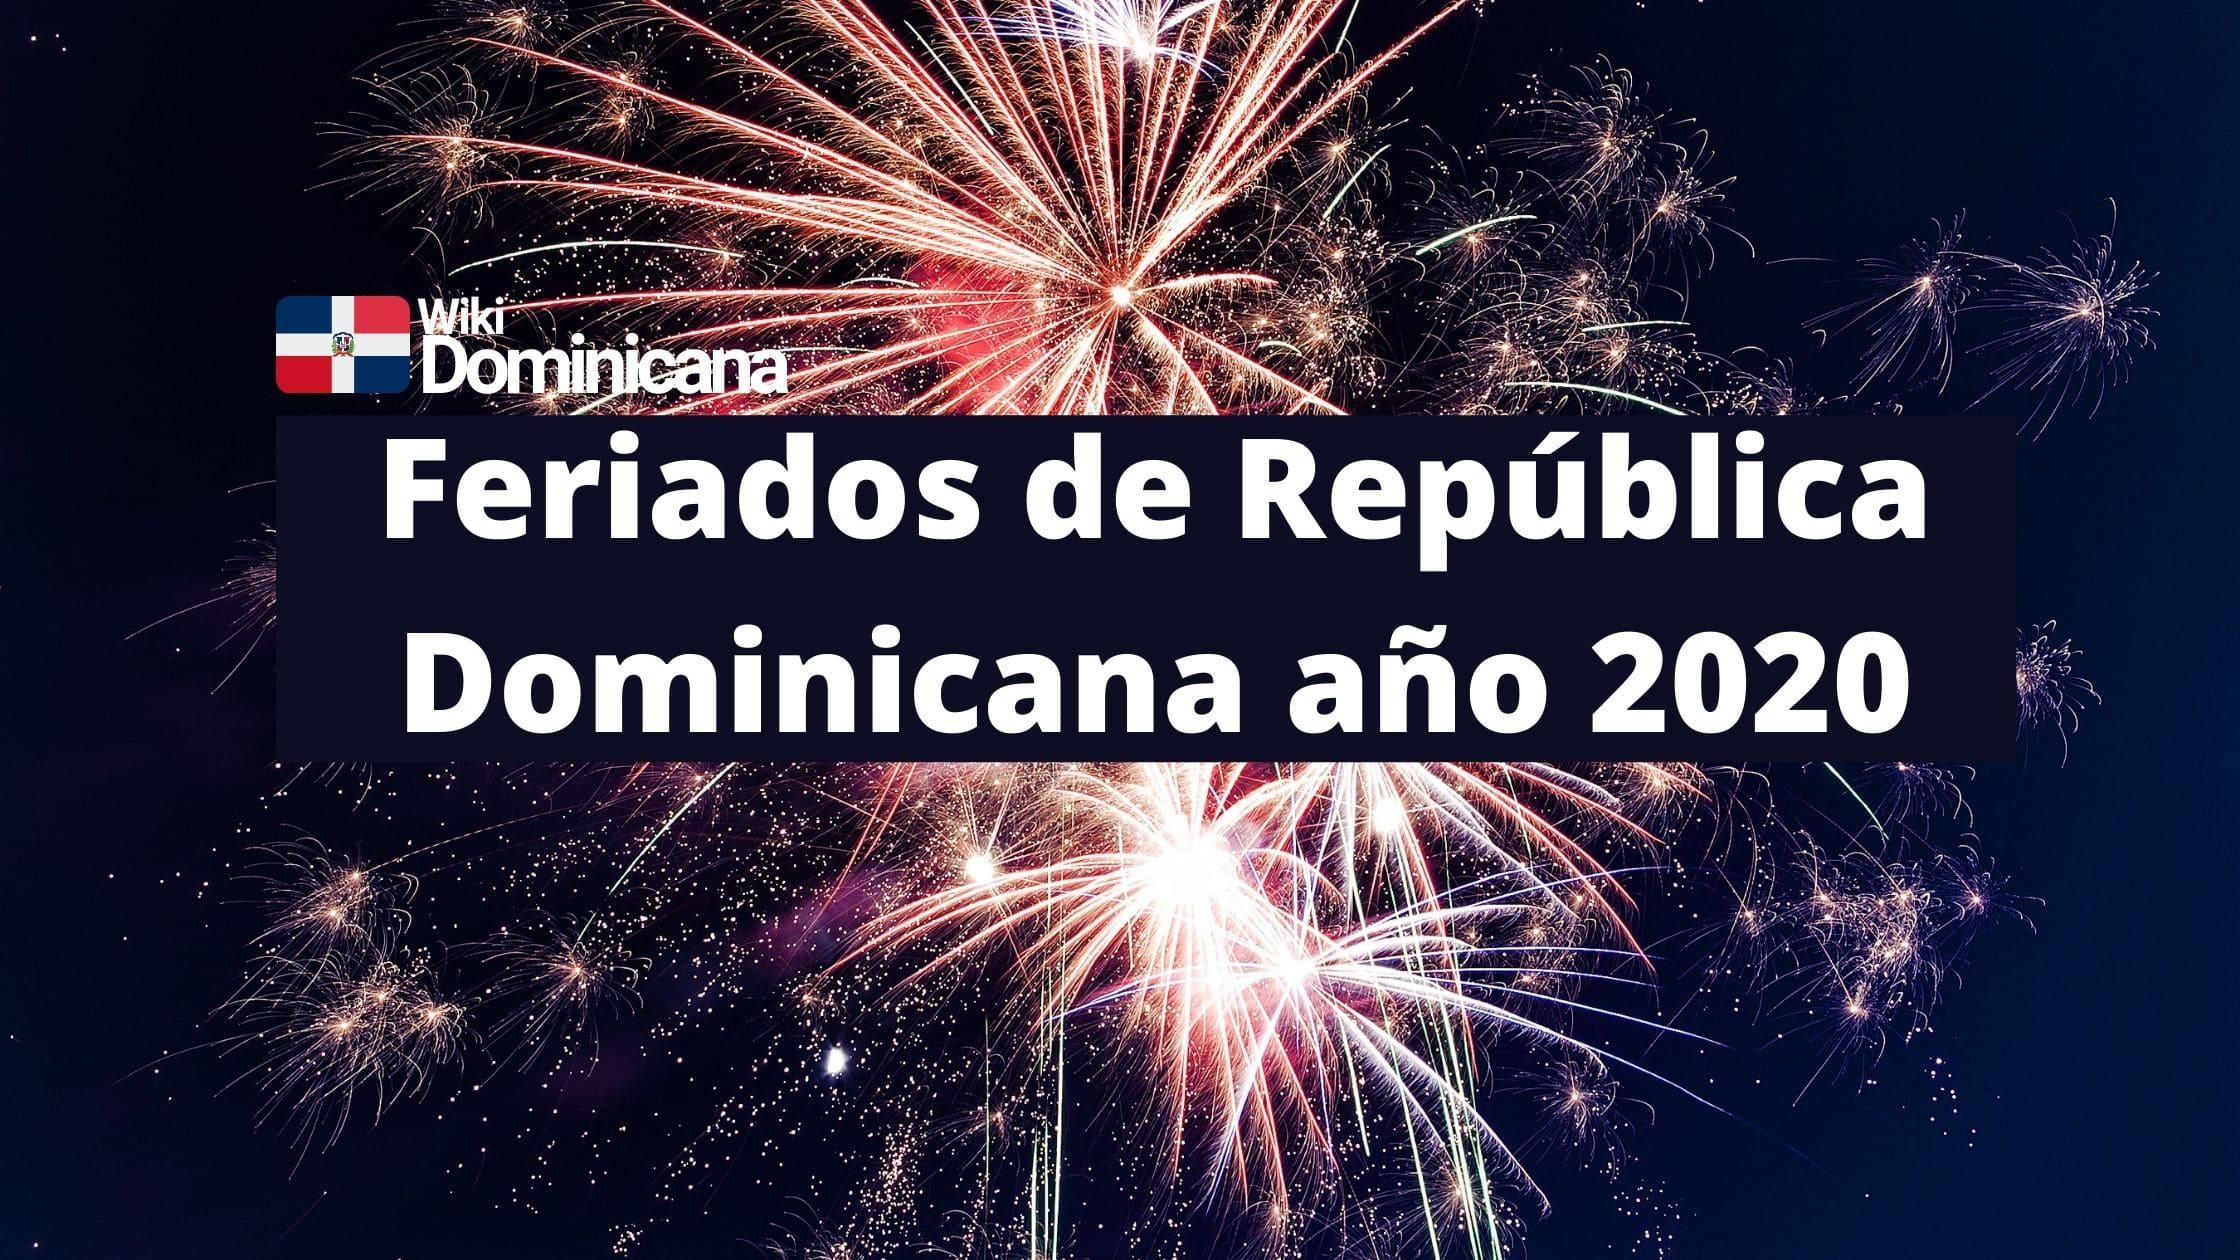 Dias Feriados de República Dominicana año 2020